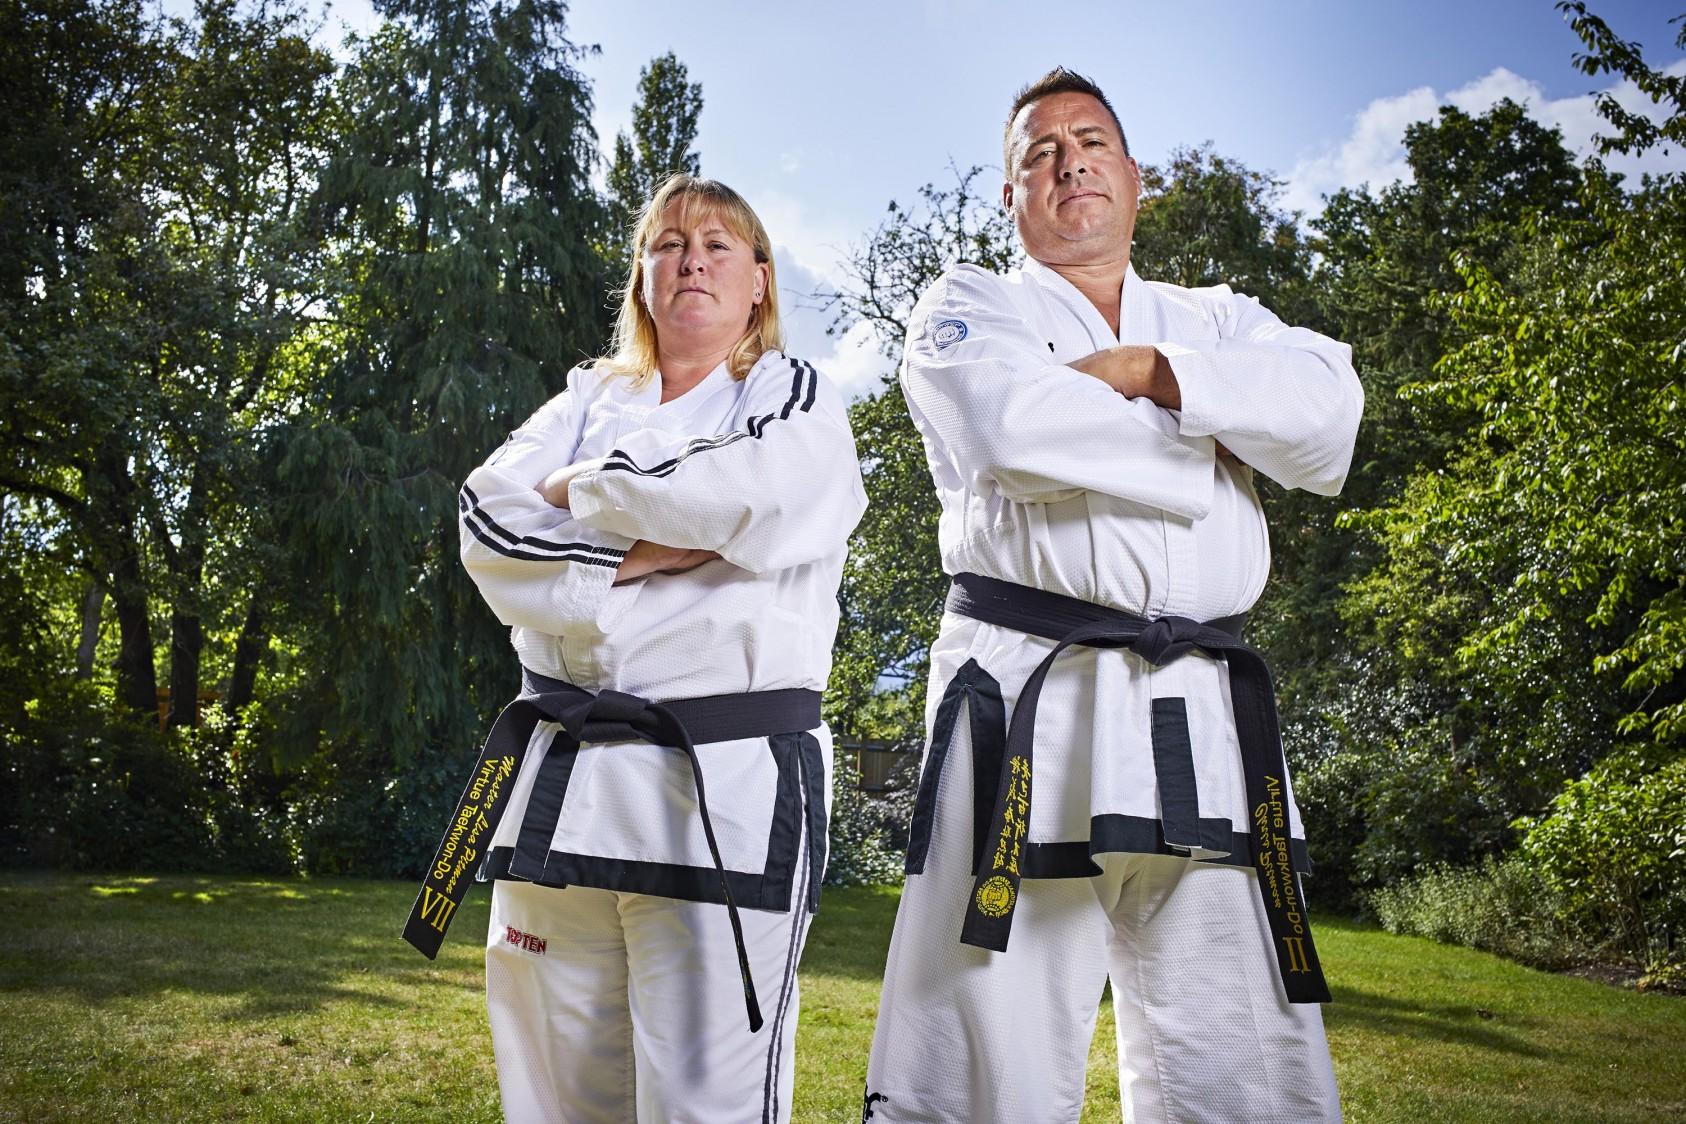 Cặp vợ chồng Lisa và Chris Pitman đạt kỷ lục Guinness thế giới bằng cách đập vỡ hơn 500 tấm gỗ thông giữa họ trong một phút. Lisa đập gãy 230 tấm ván và Chris phá được 315 tấm trong vòng 1 phút. Lisa Pitman còn có thể dùng tay không đập vỡ gạch đá.